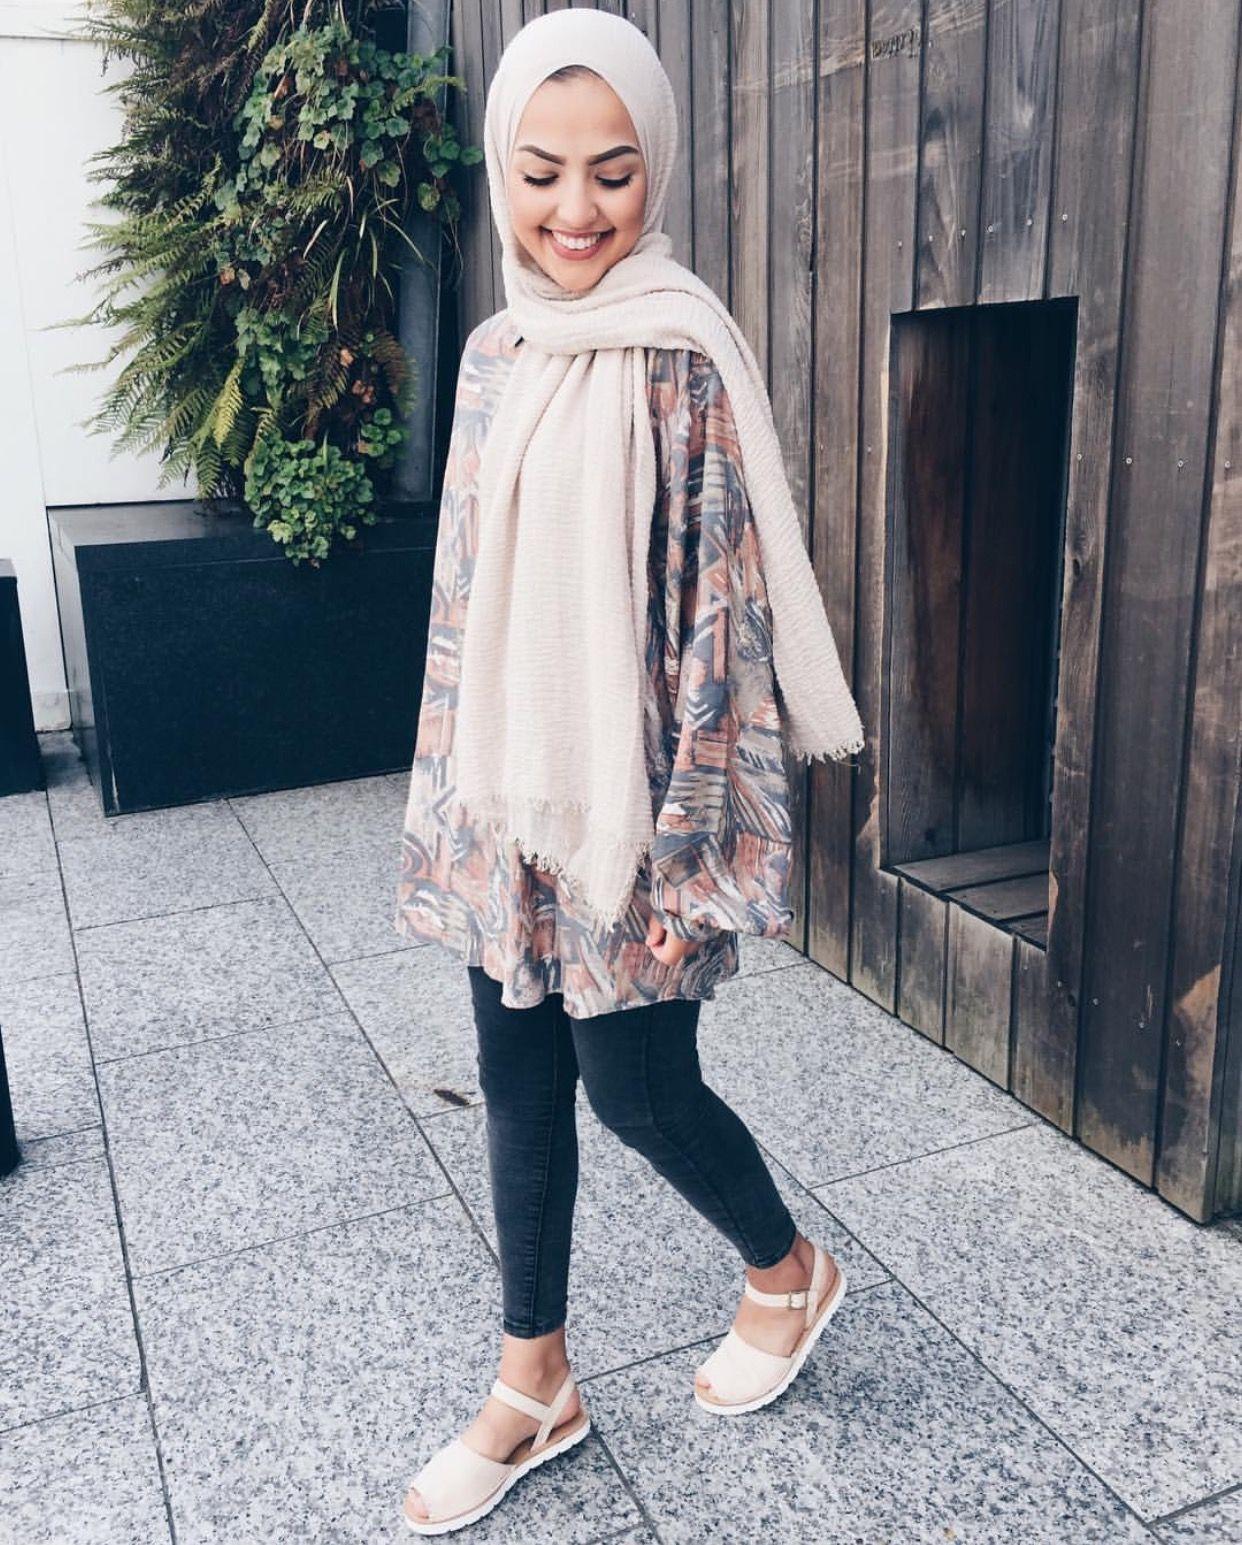 Pingl Par Daniya Baig Sur Hijabi Fashion Pinterest